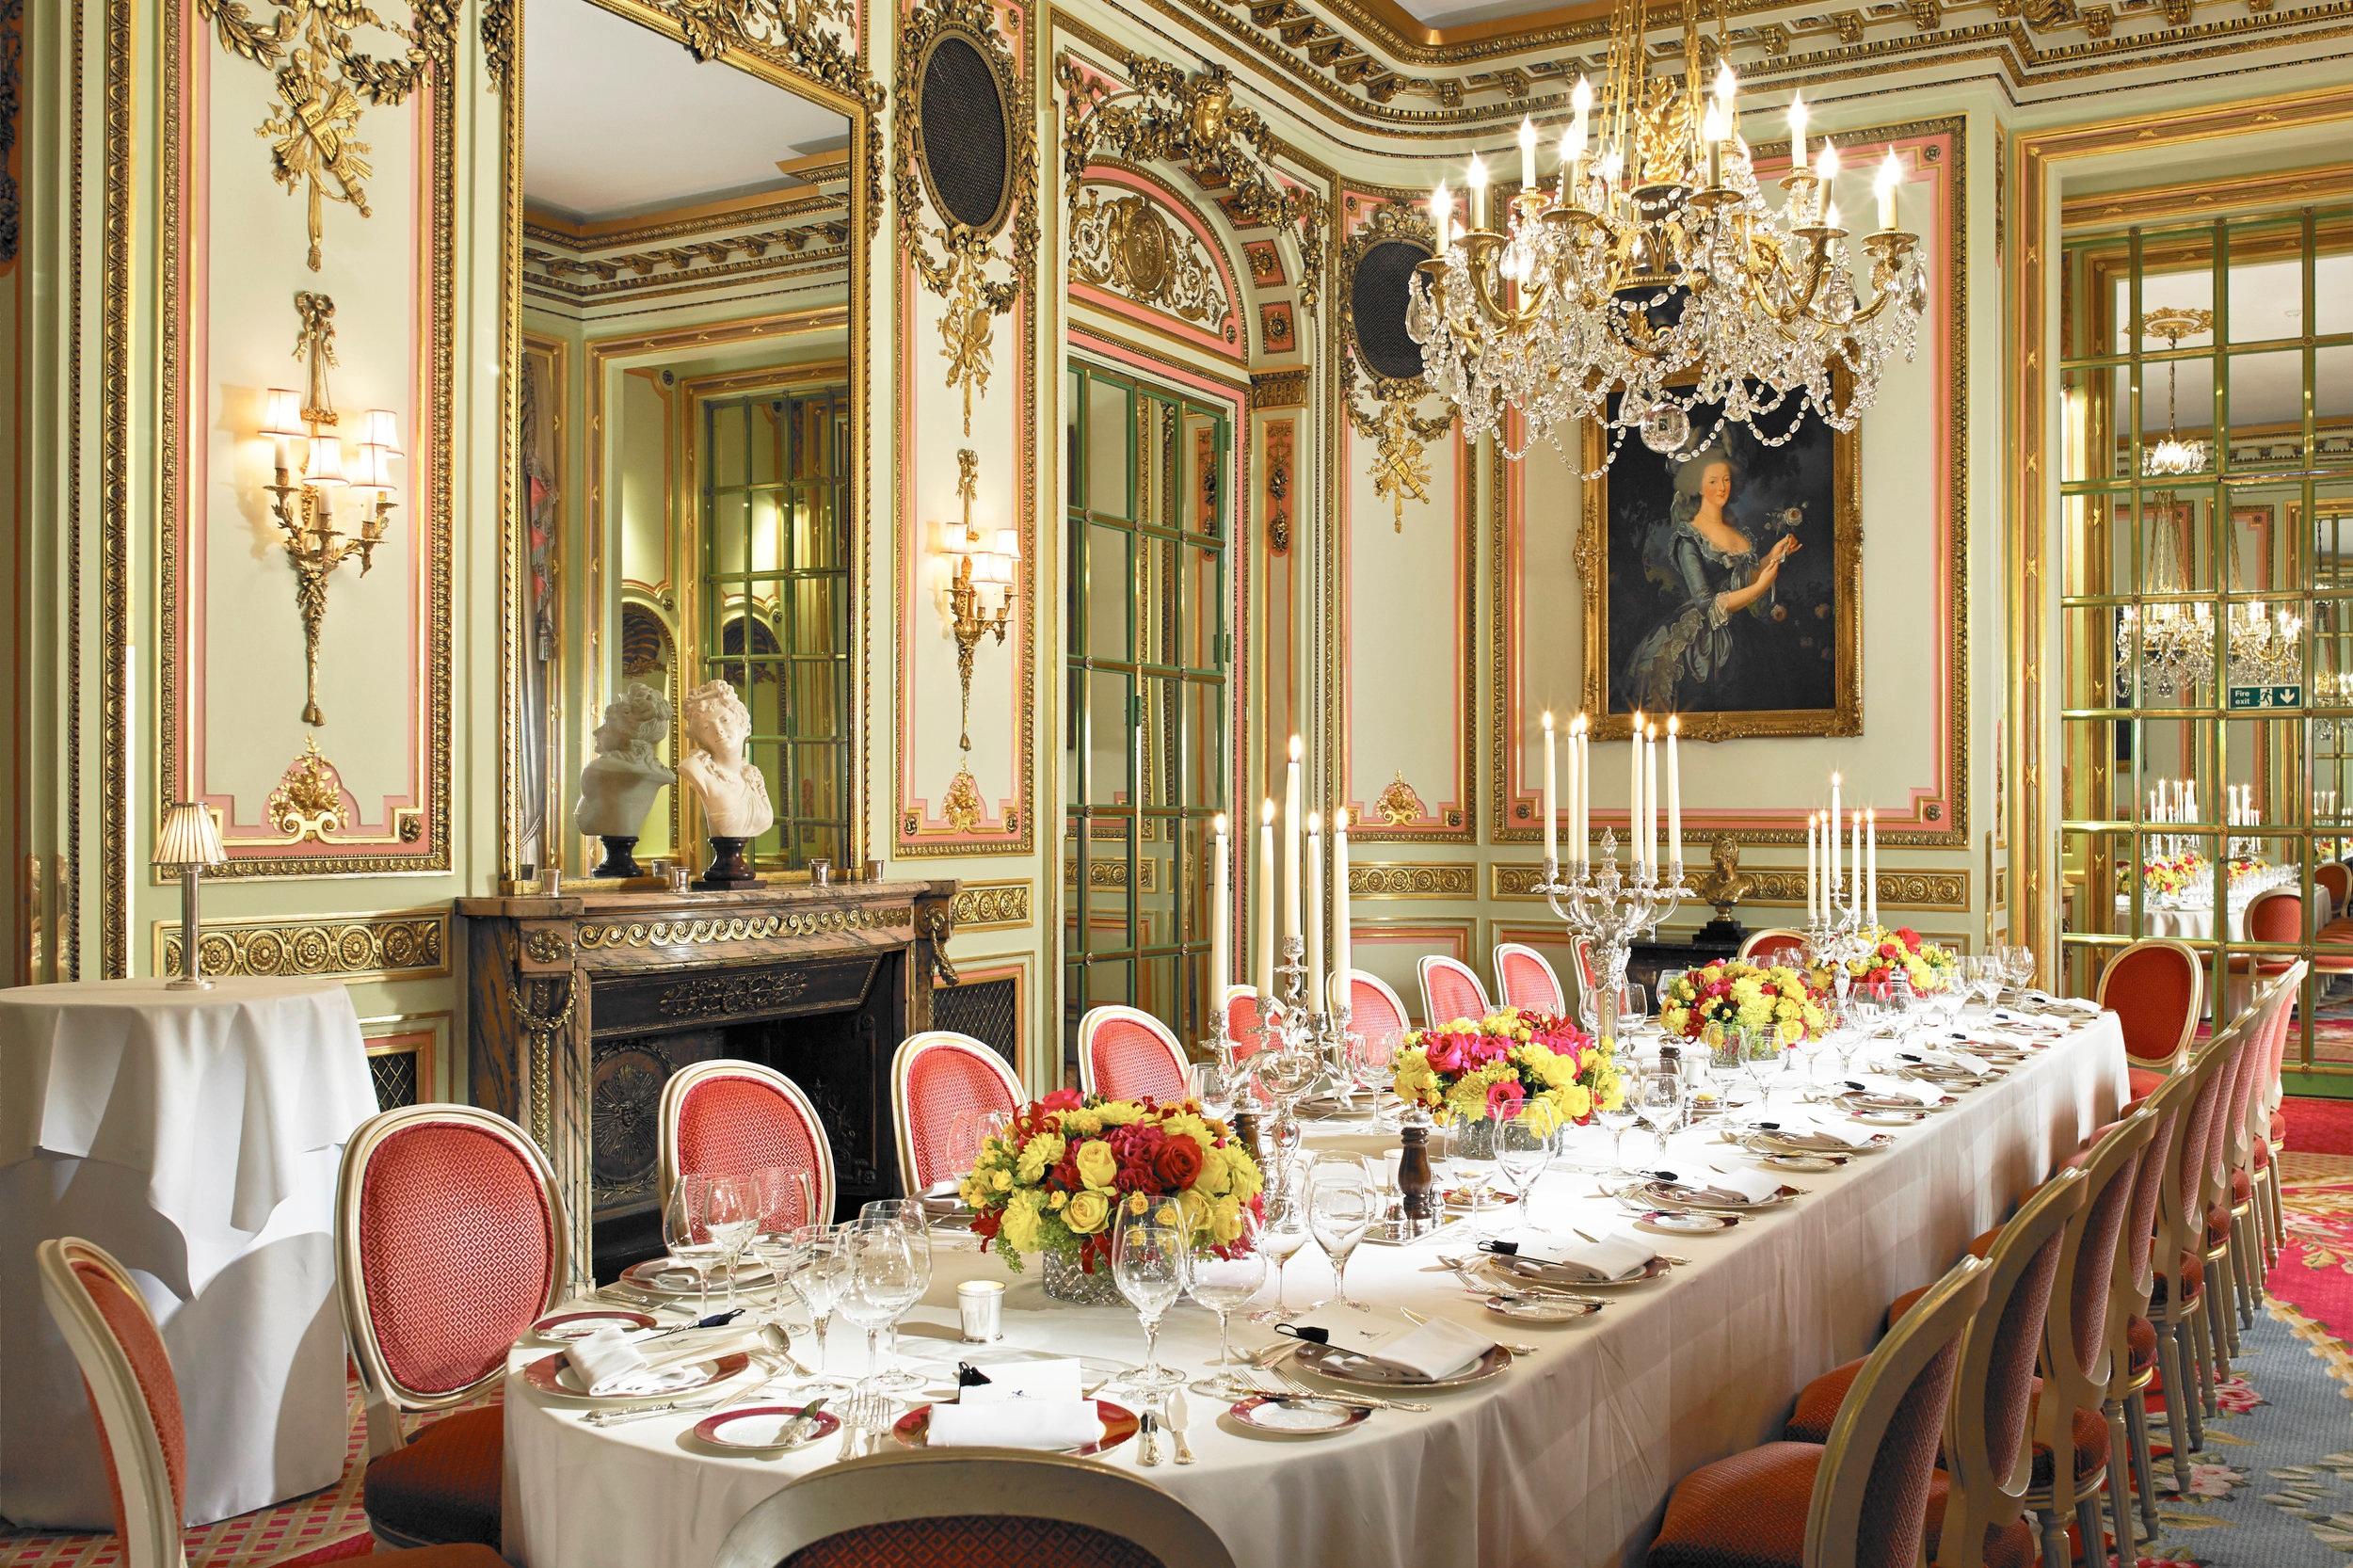 Marie+Antoinette+Suite+no+lights.jpg